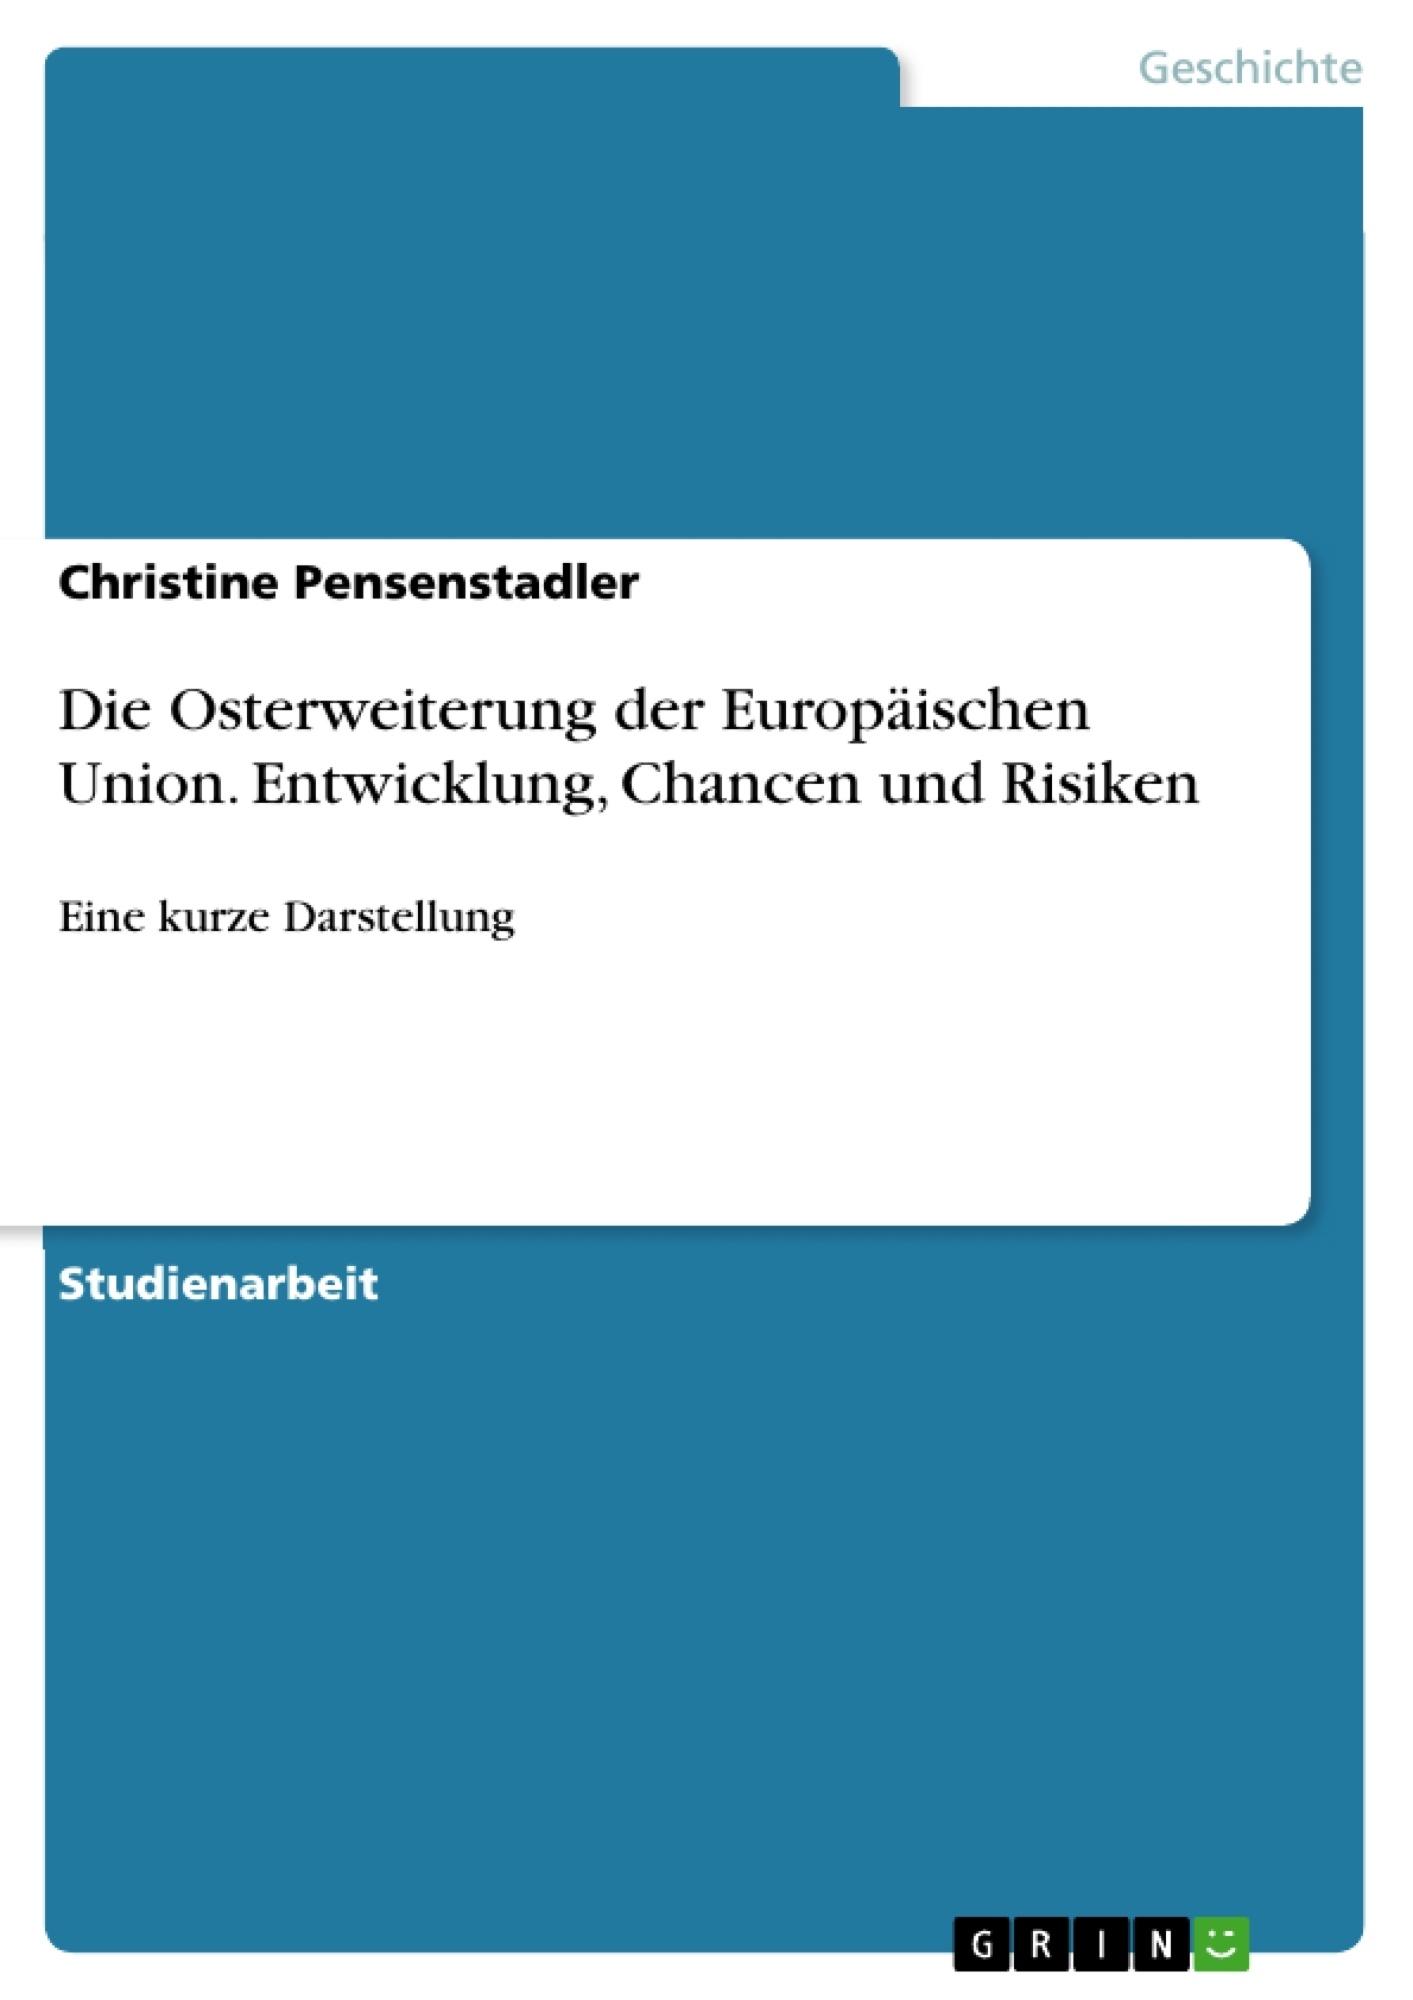 Titel: Die Osterweiterung der Europäischen Union. Entwicklung, Chancen und Risiken